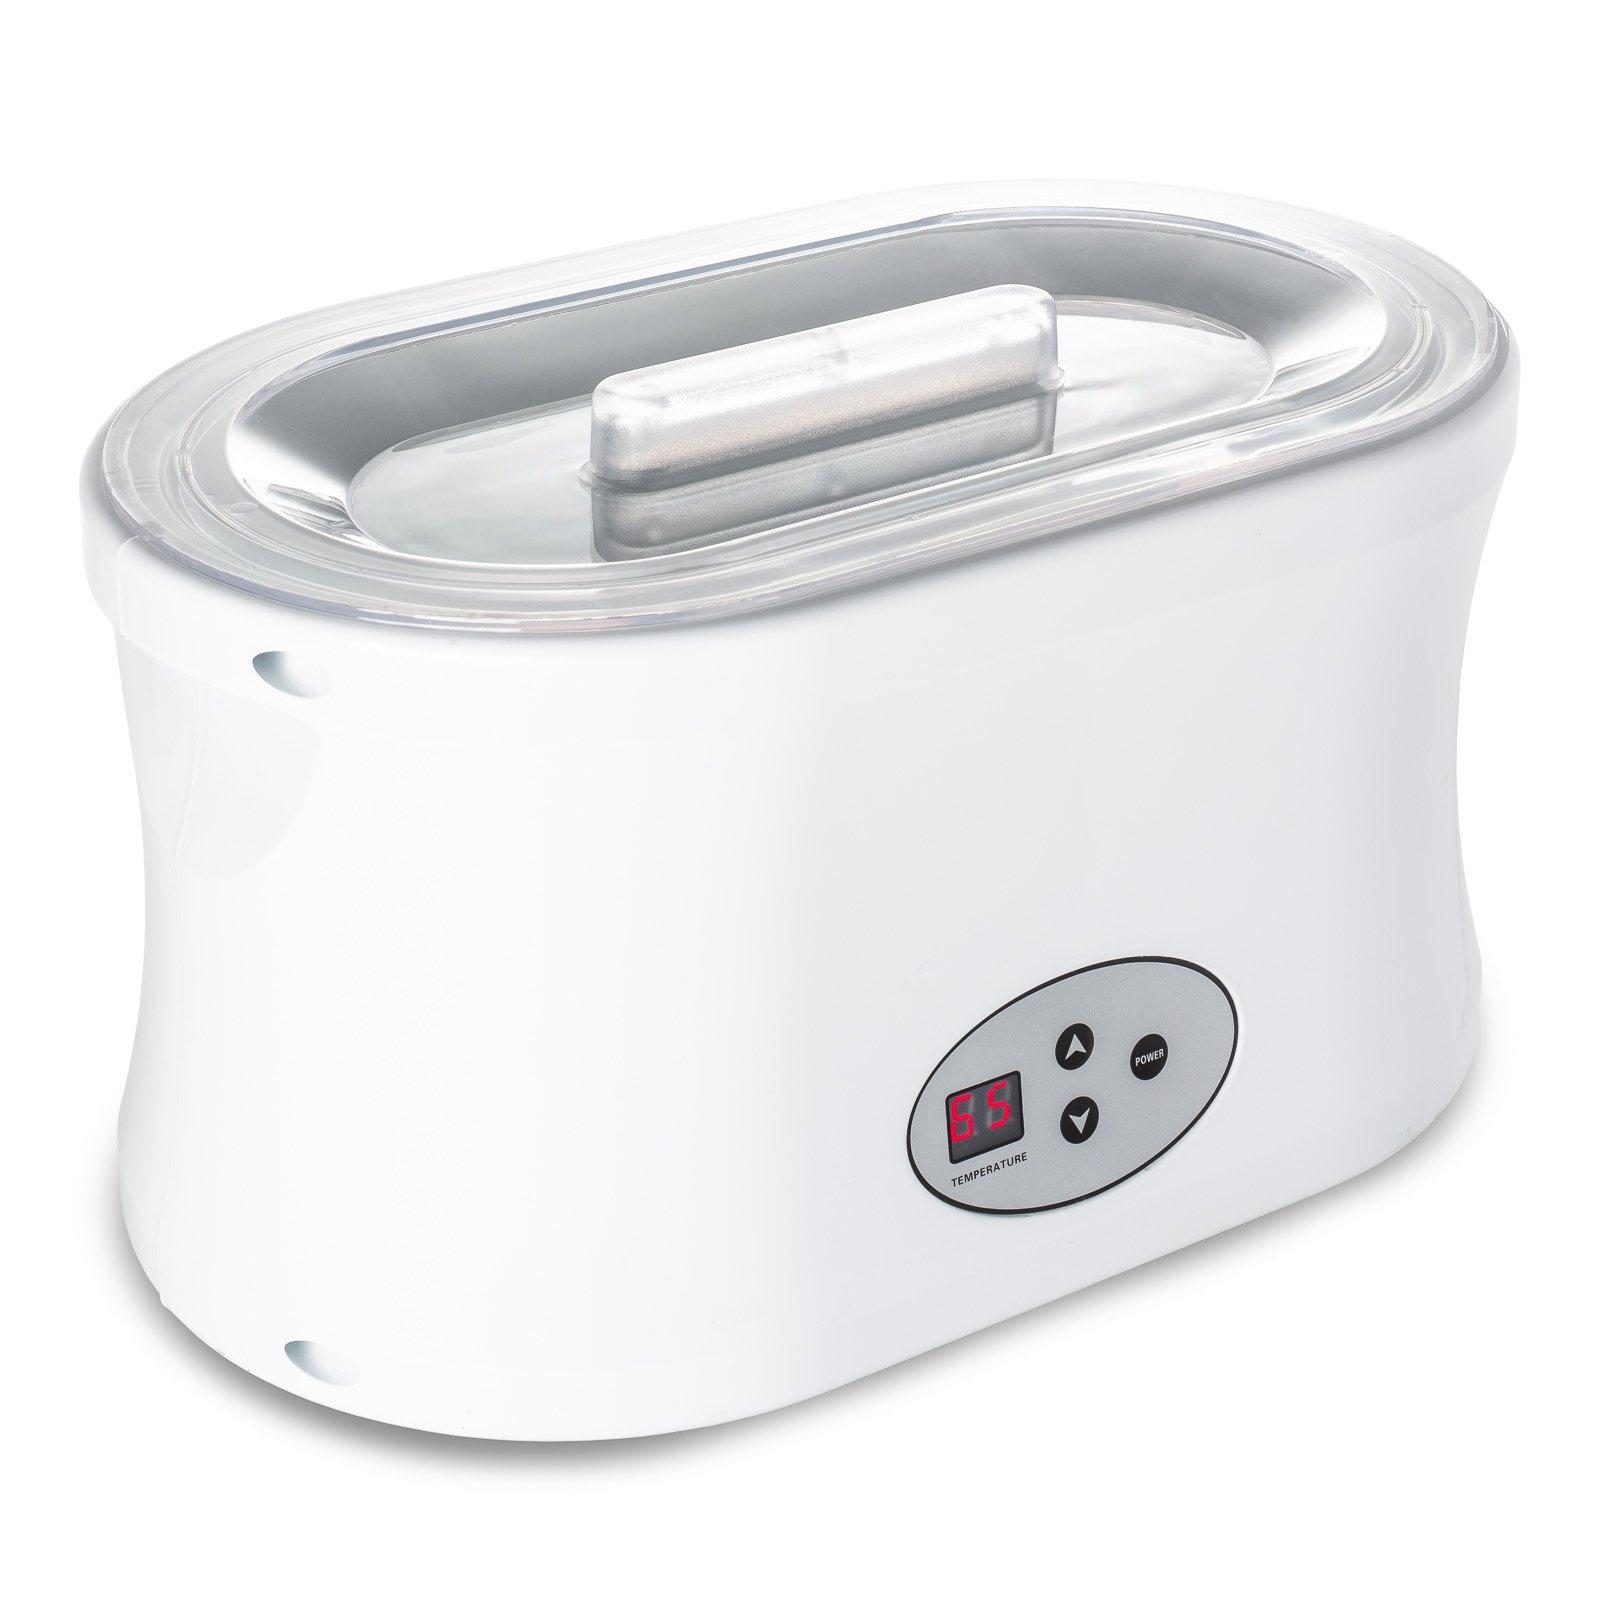 Salon Sundry Portable Electric Hot Paraffin Wax Warmer Spa Bath by Salon Sundry